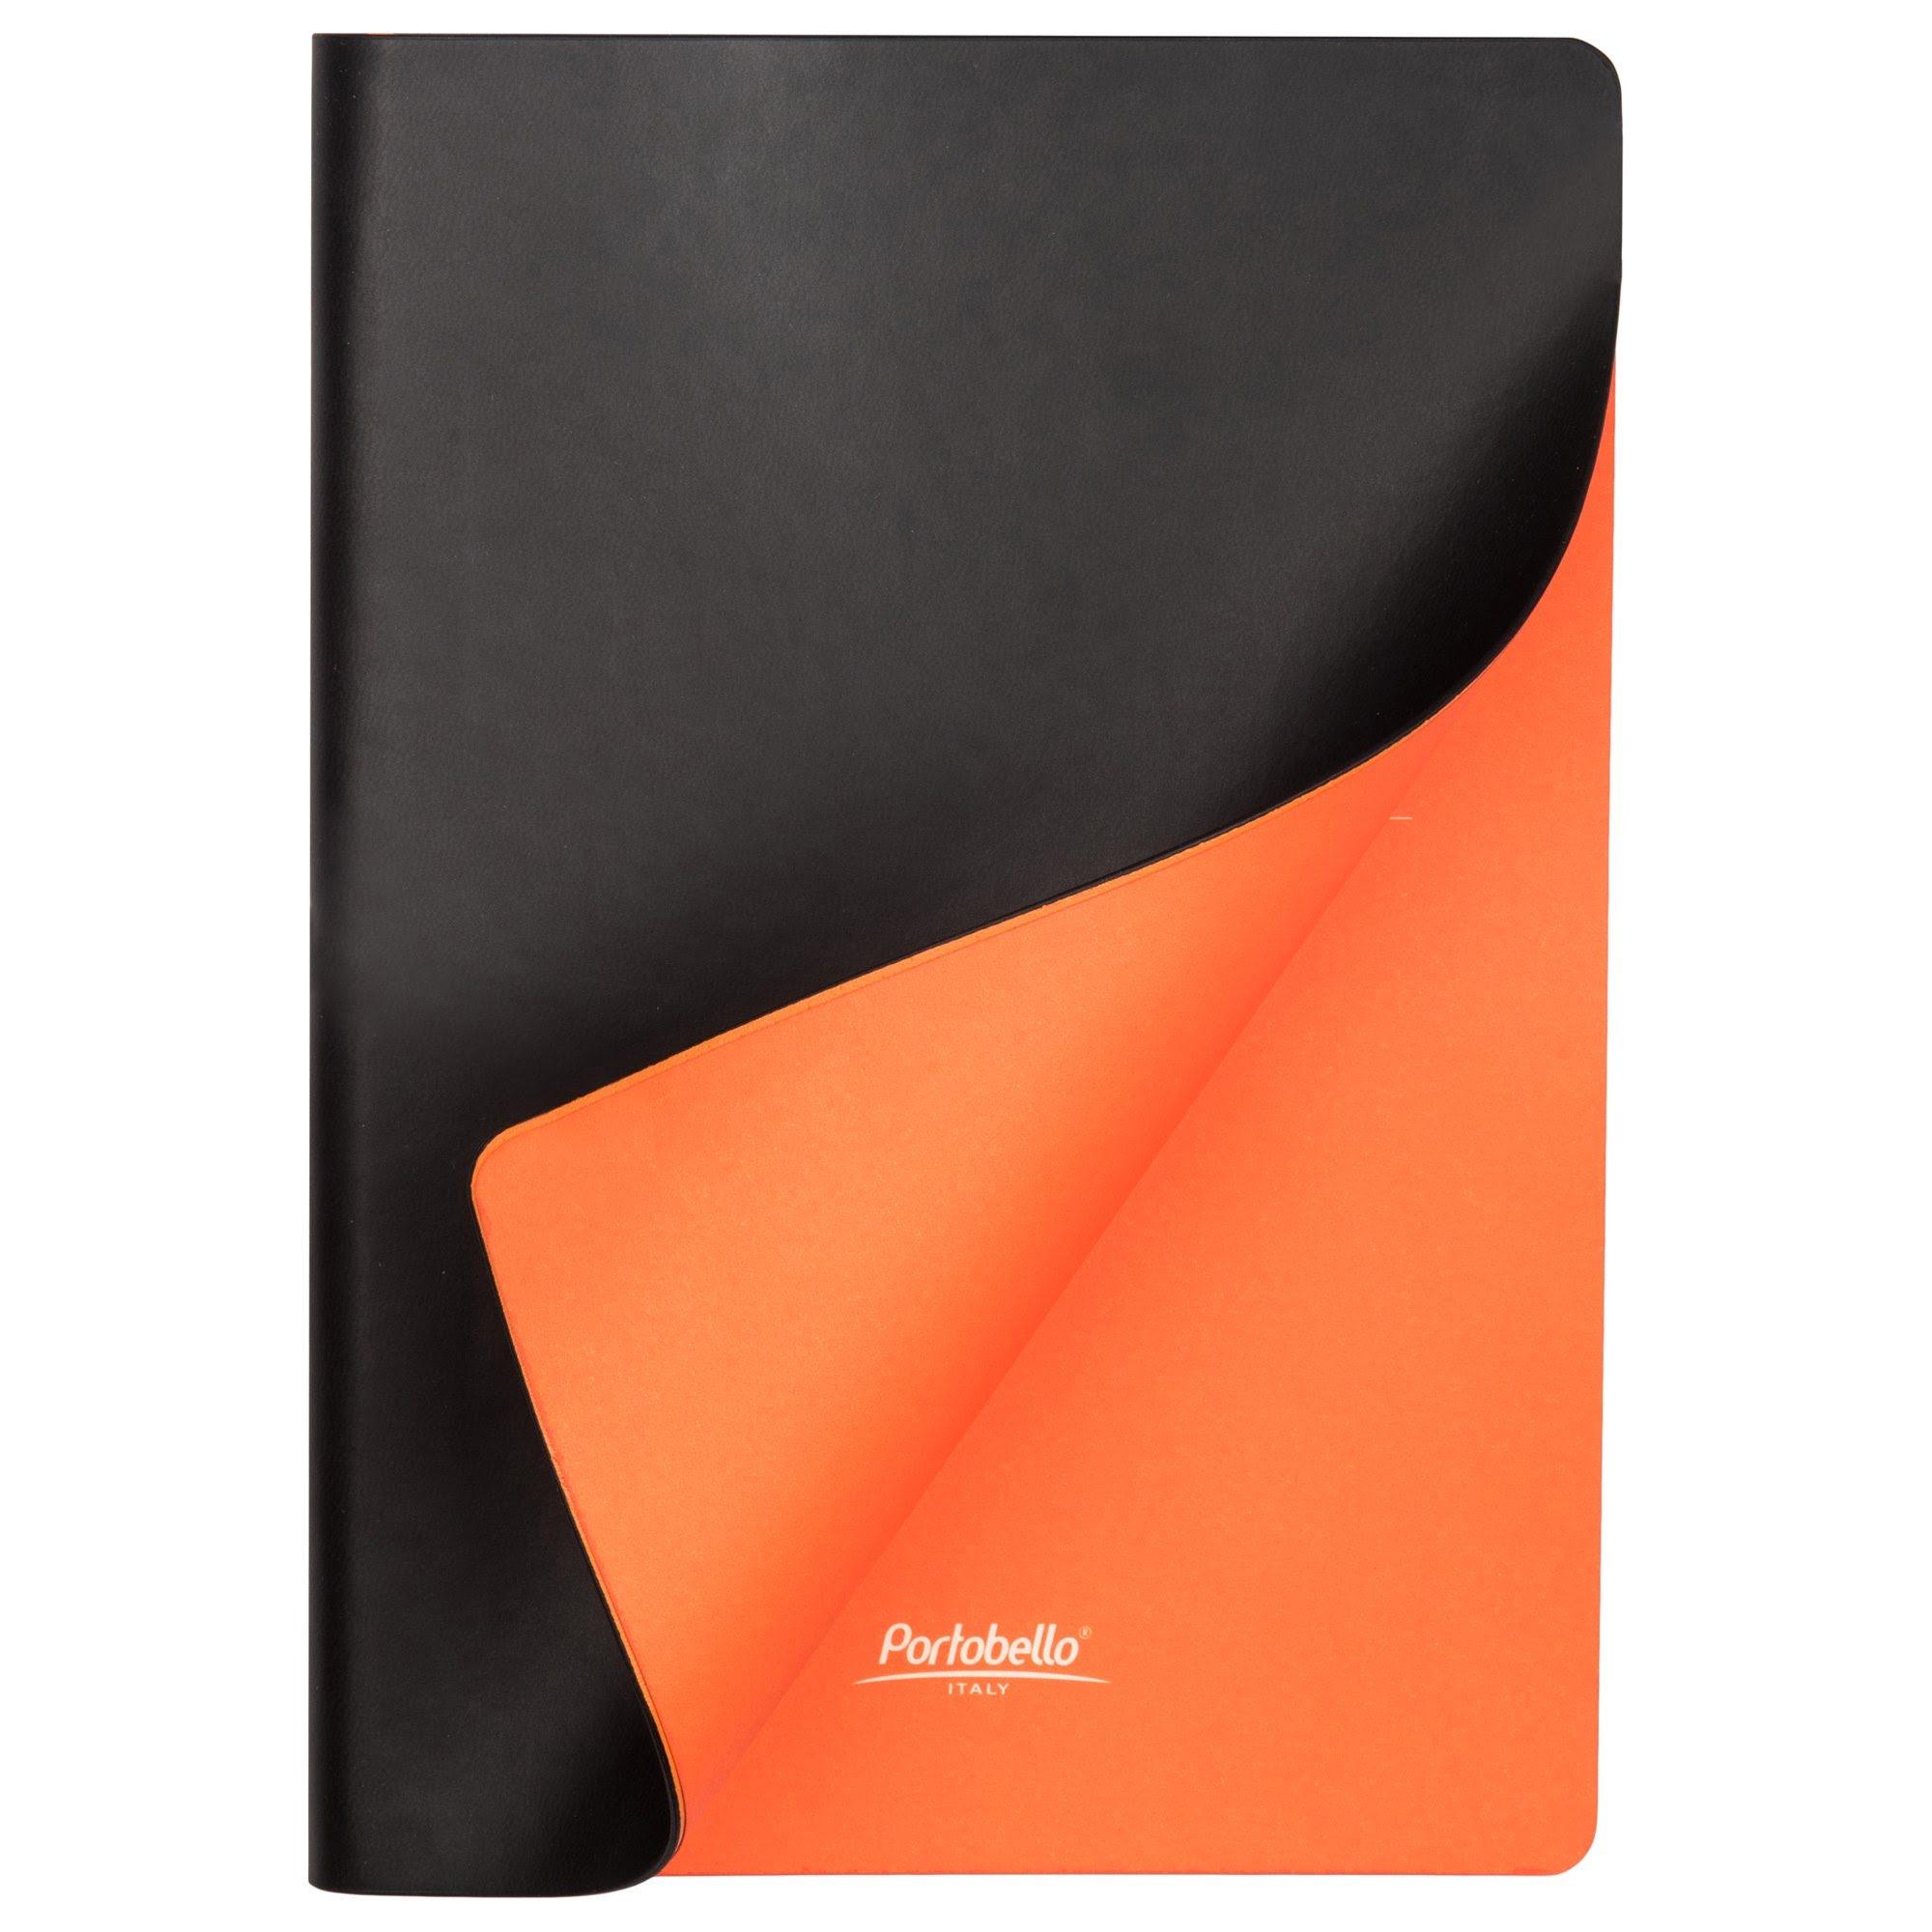 Подарочный набор Portobello/Latte черный (Ежедневник недат А5, Ручка) беж. ложемент, черный,